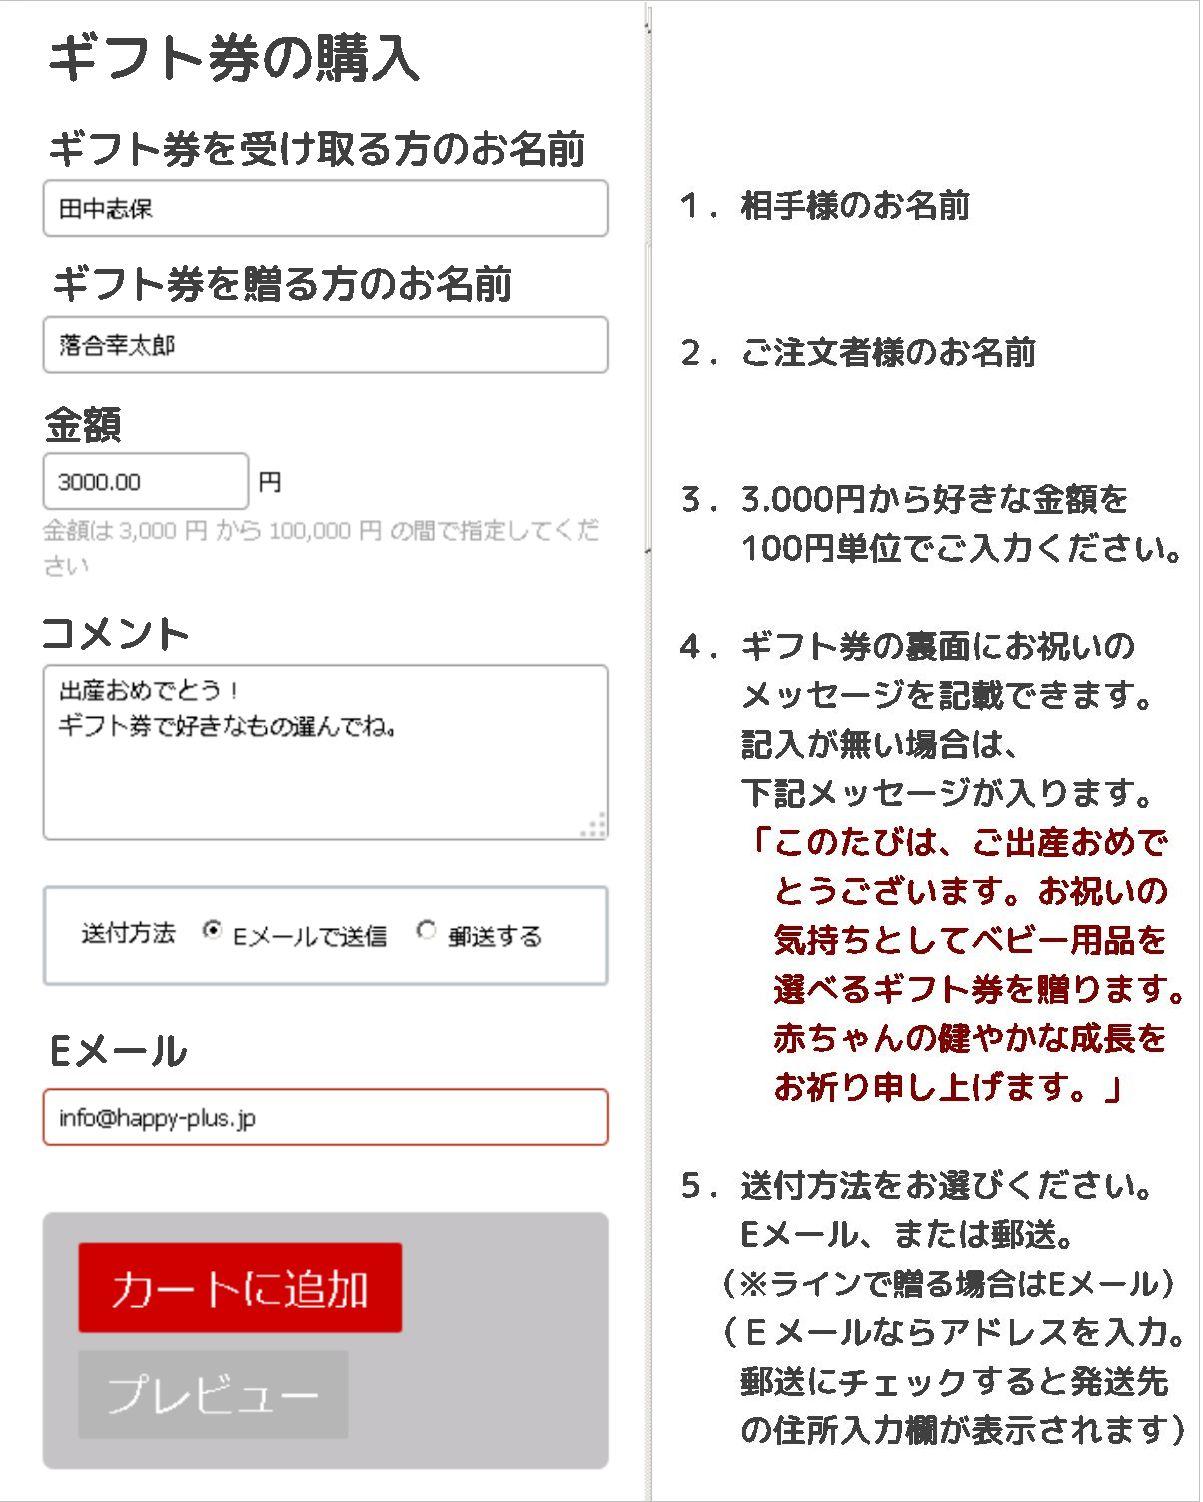 3,000円から100円単位で買える出産祝いギフト券